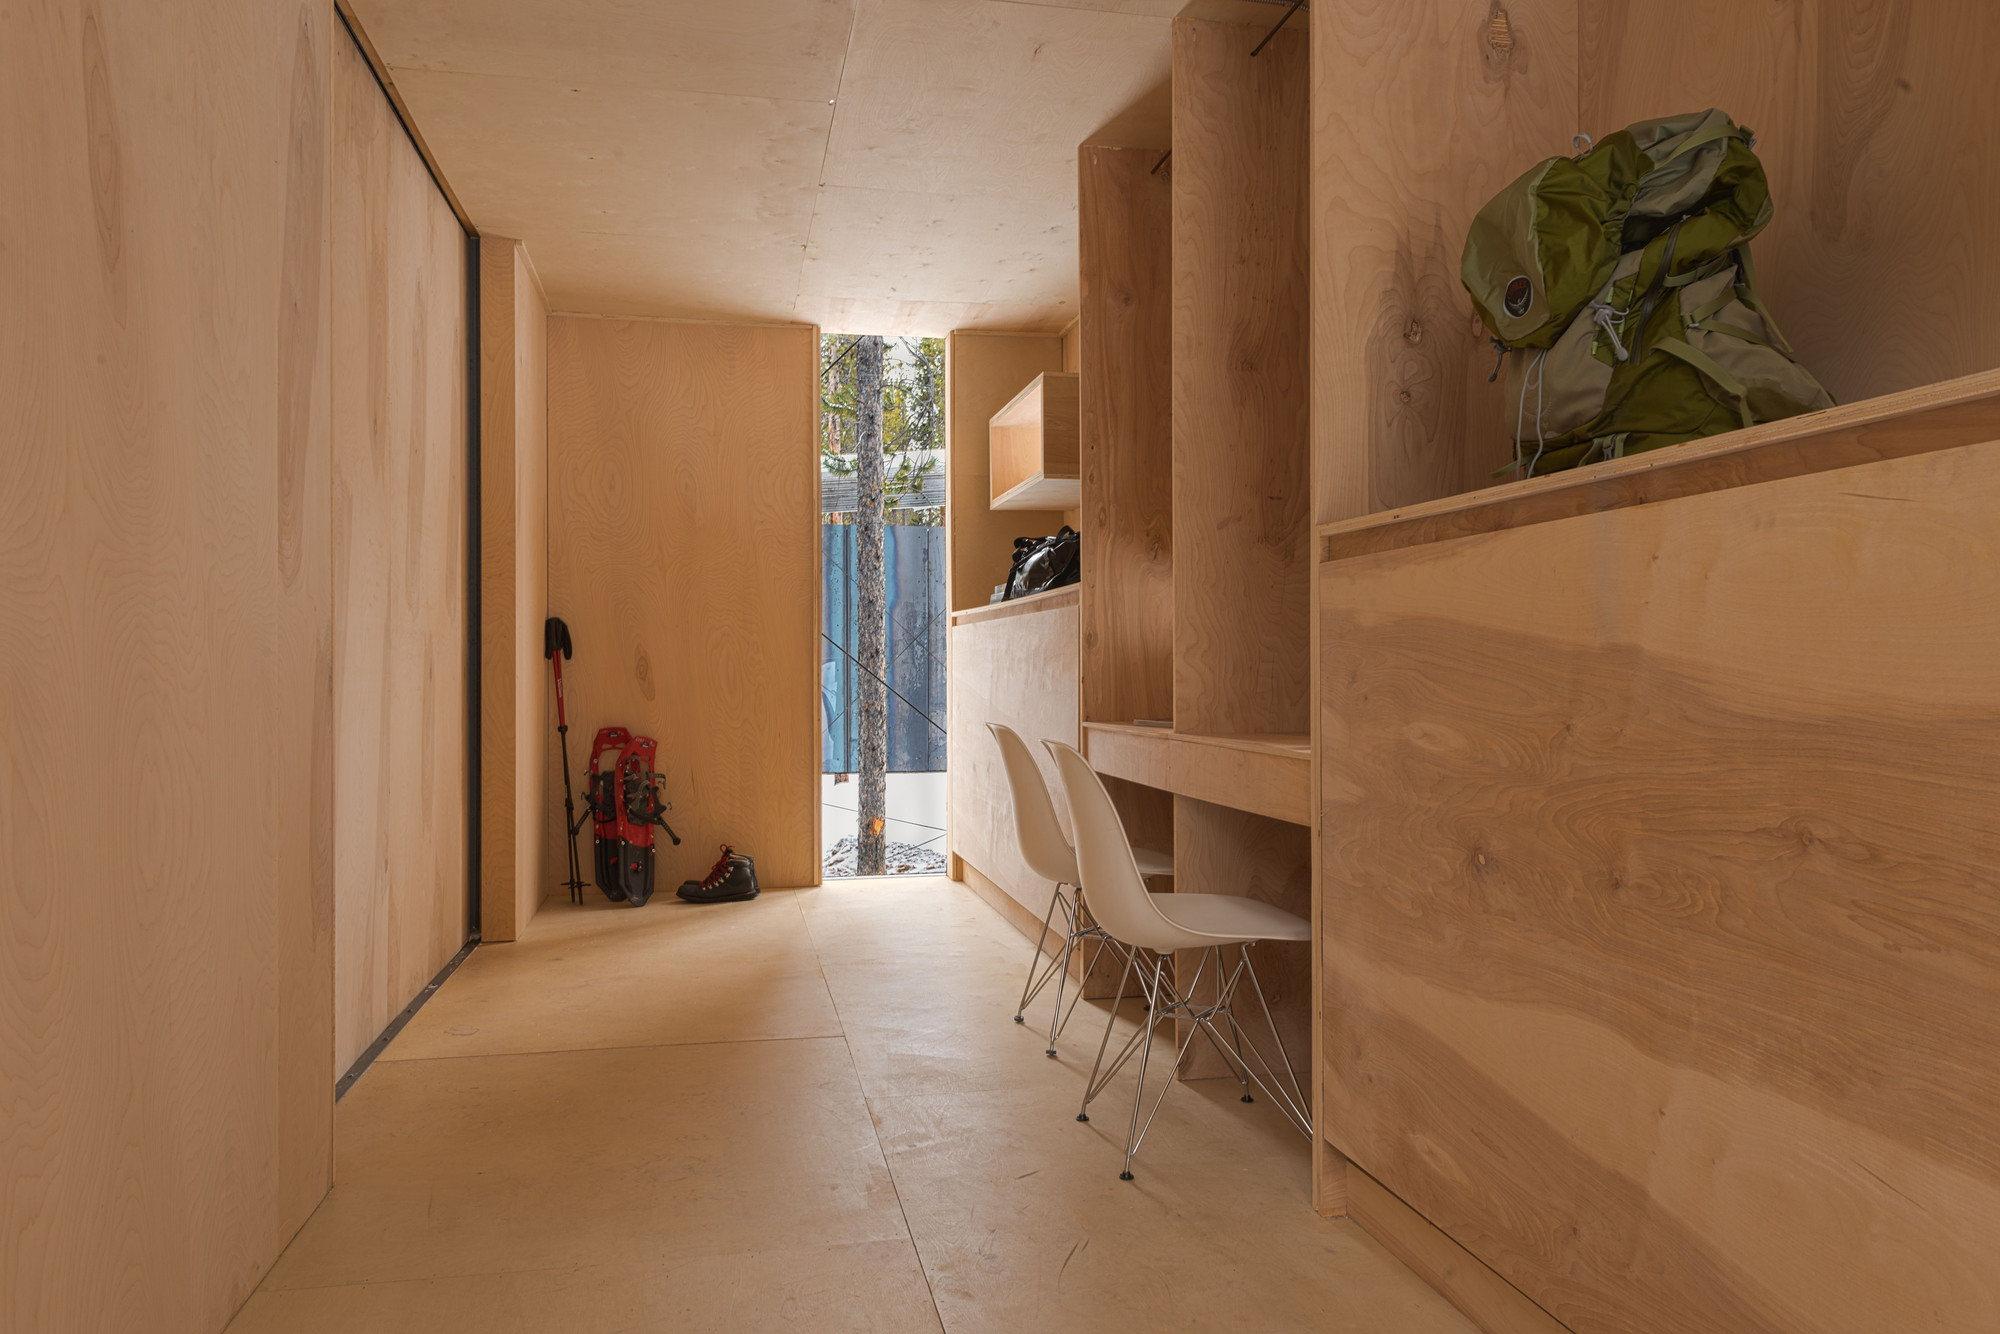 The Dormitory Of Outward Bound School In Colorado 18